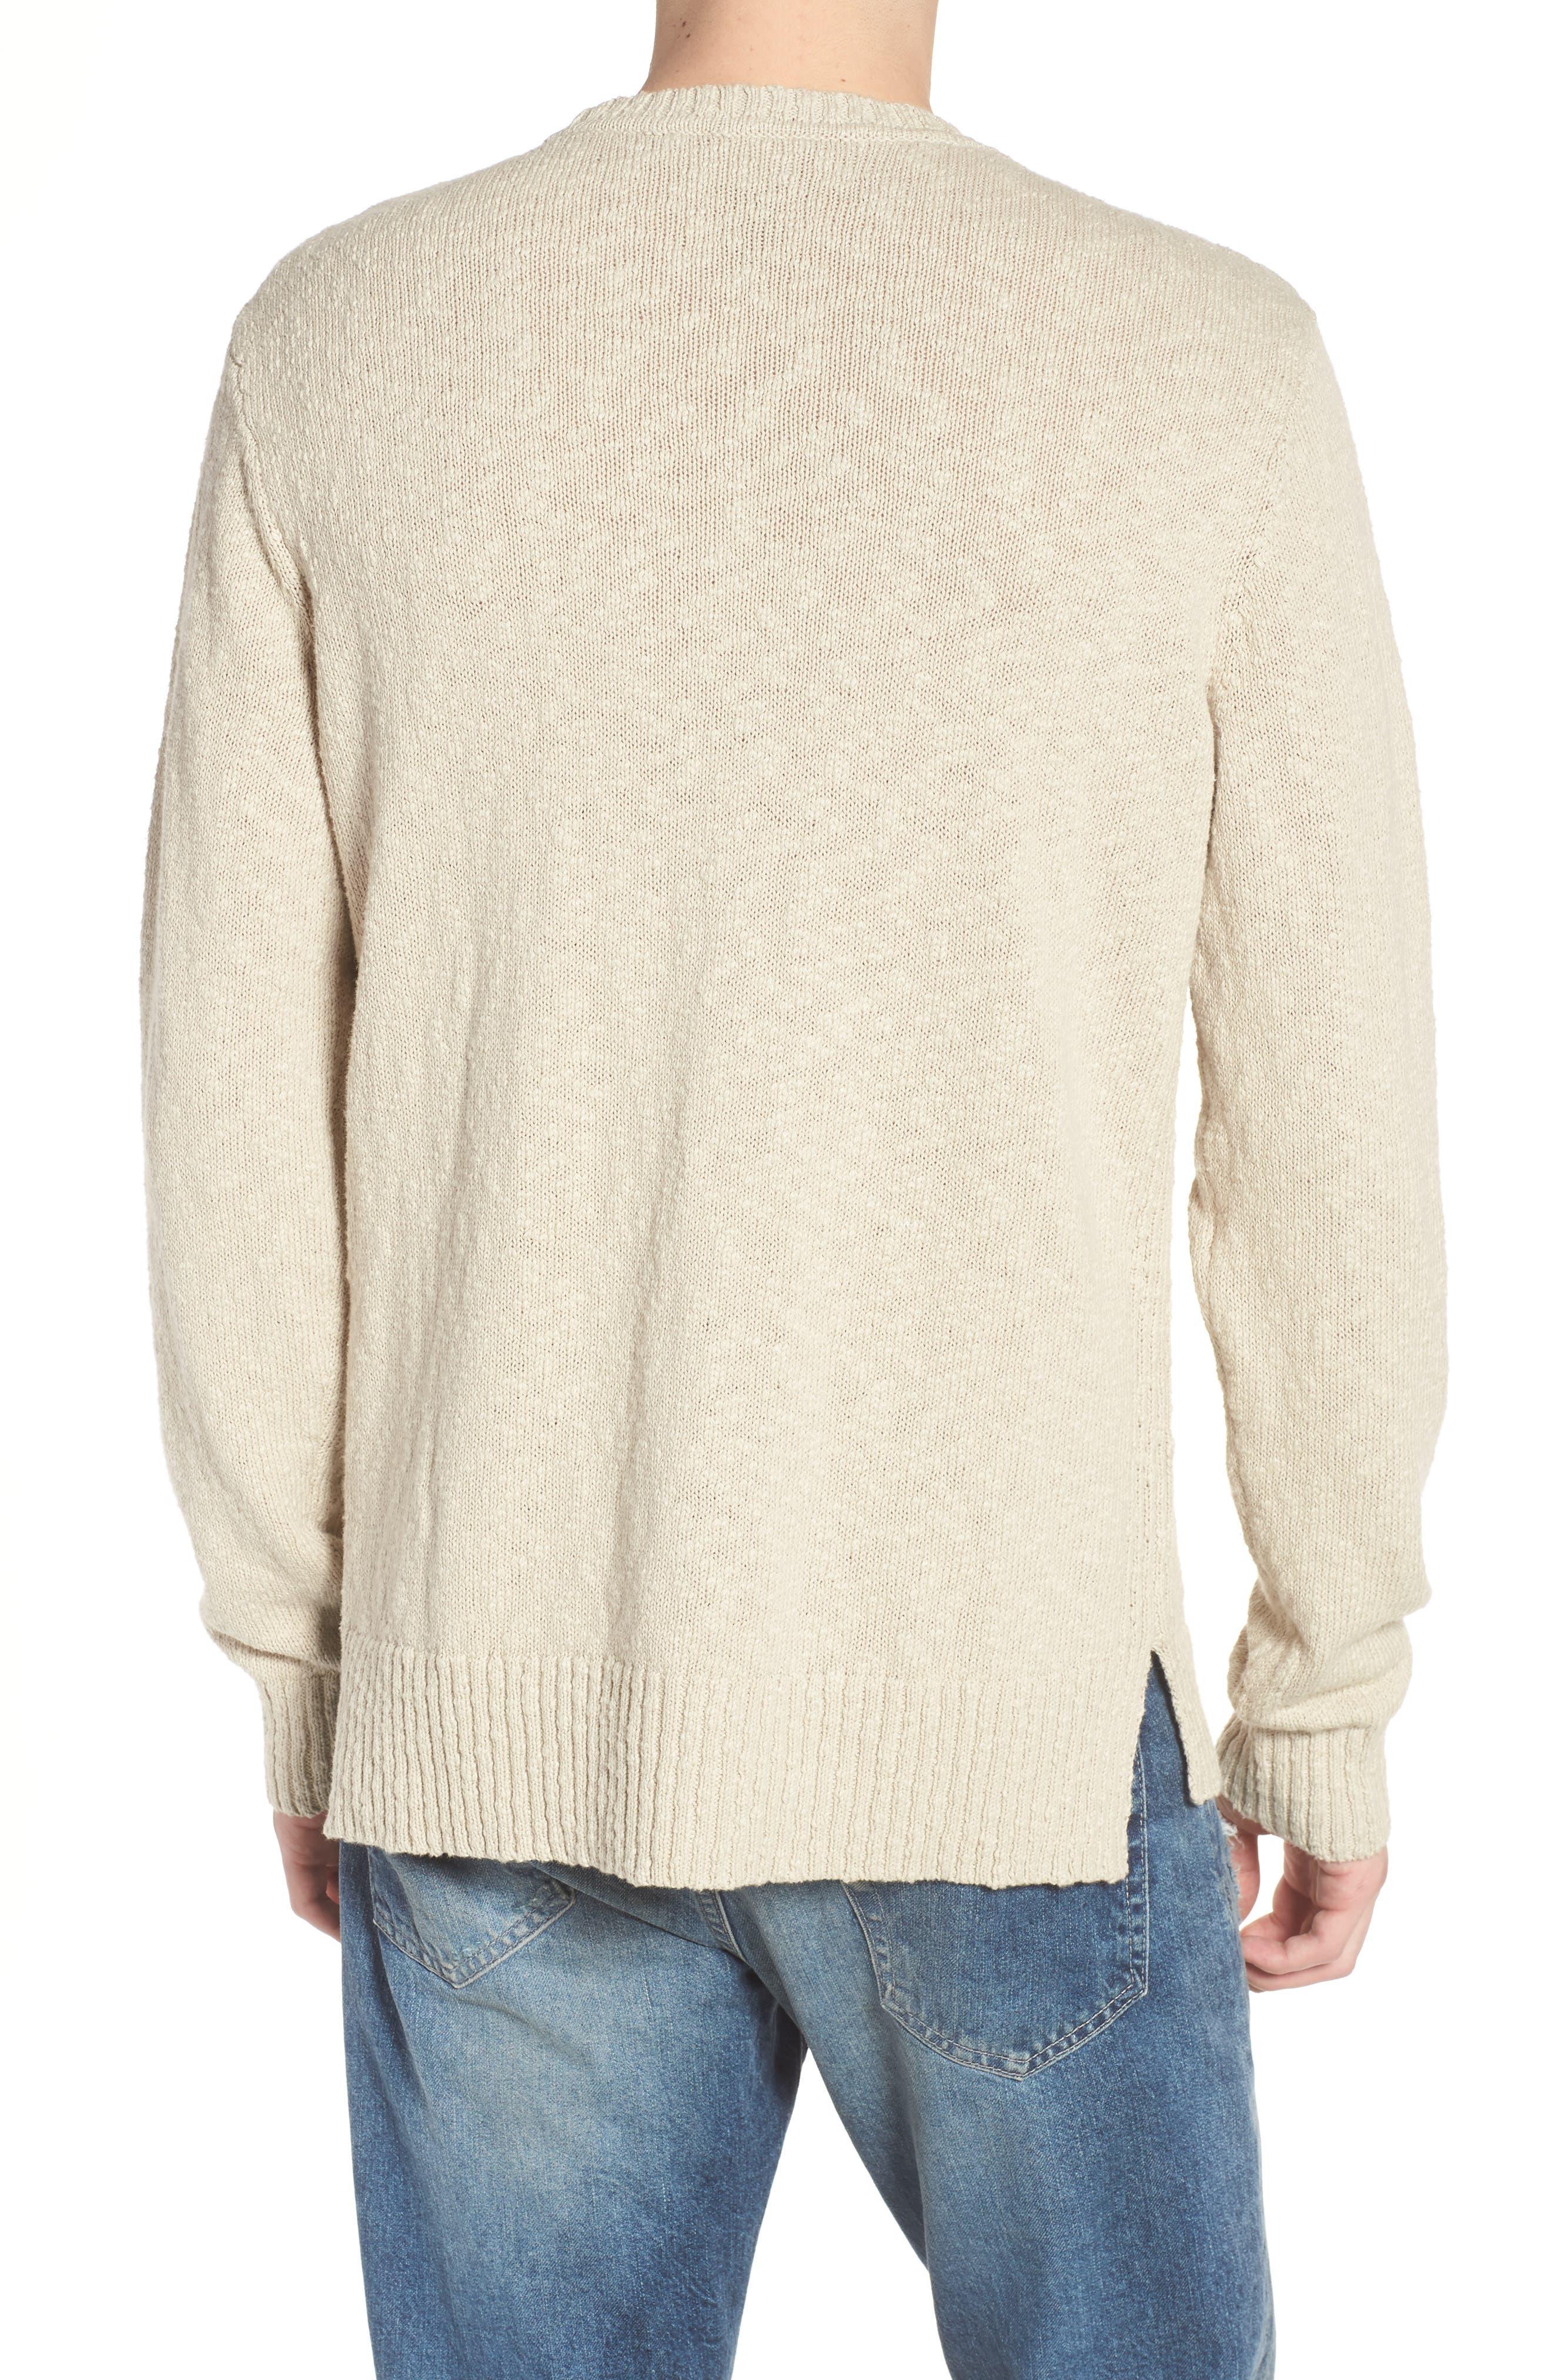 Deklyn Slim Fit Crew Sweater,                             Alternate thumbnail 2, color,